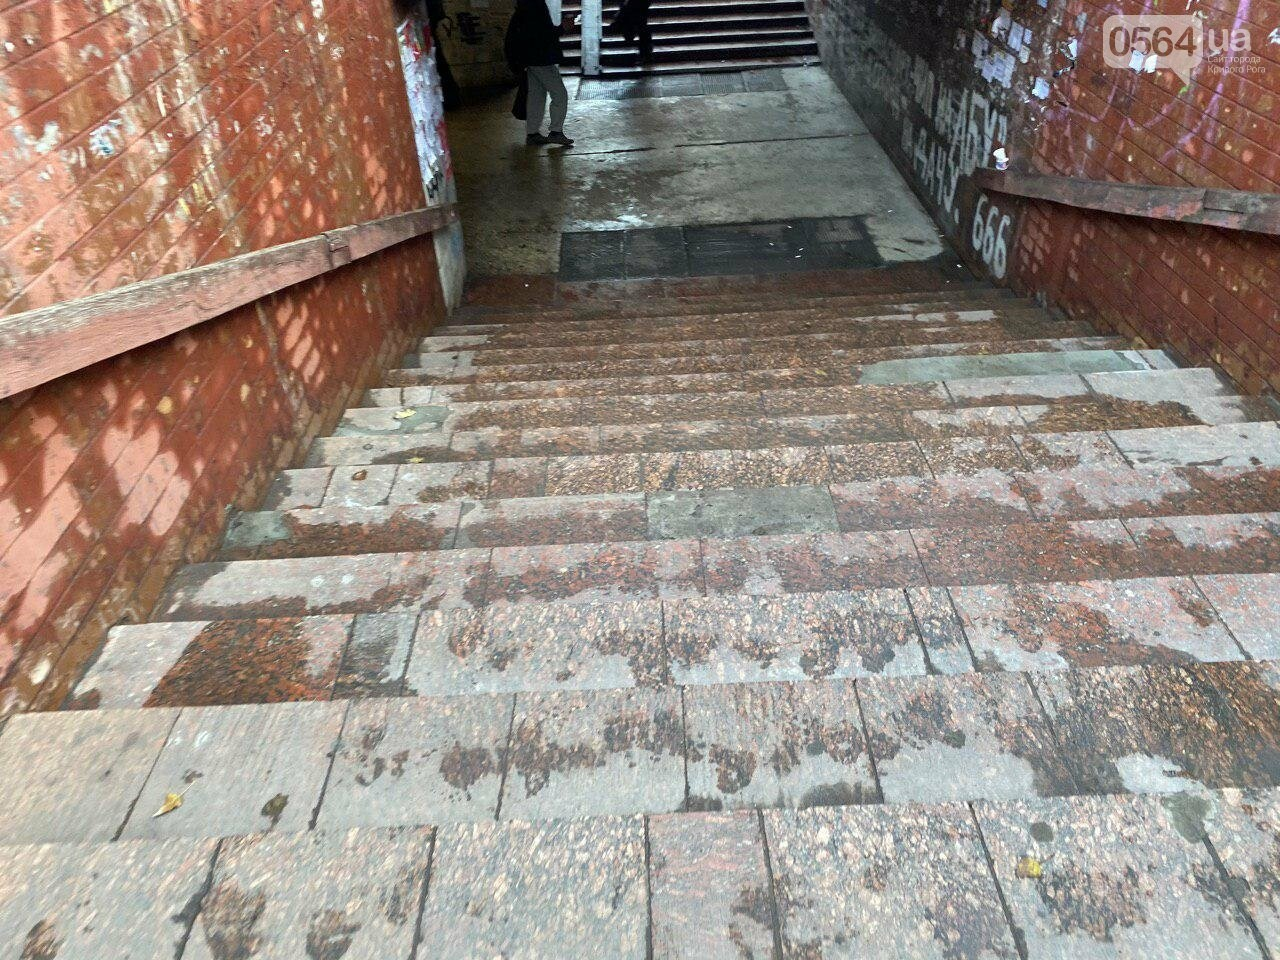 Как выглядит после ремонта переход в центре Кривого Рога, - ФОТО , фото-25